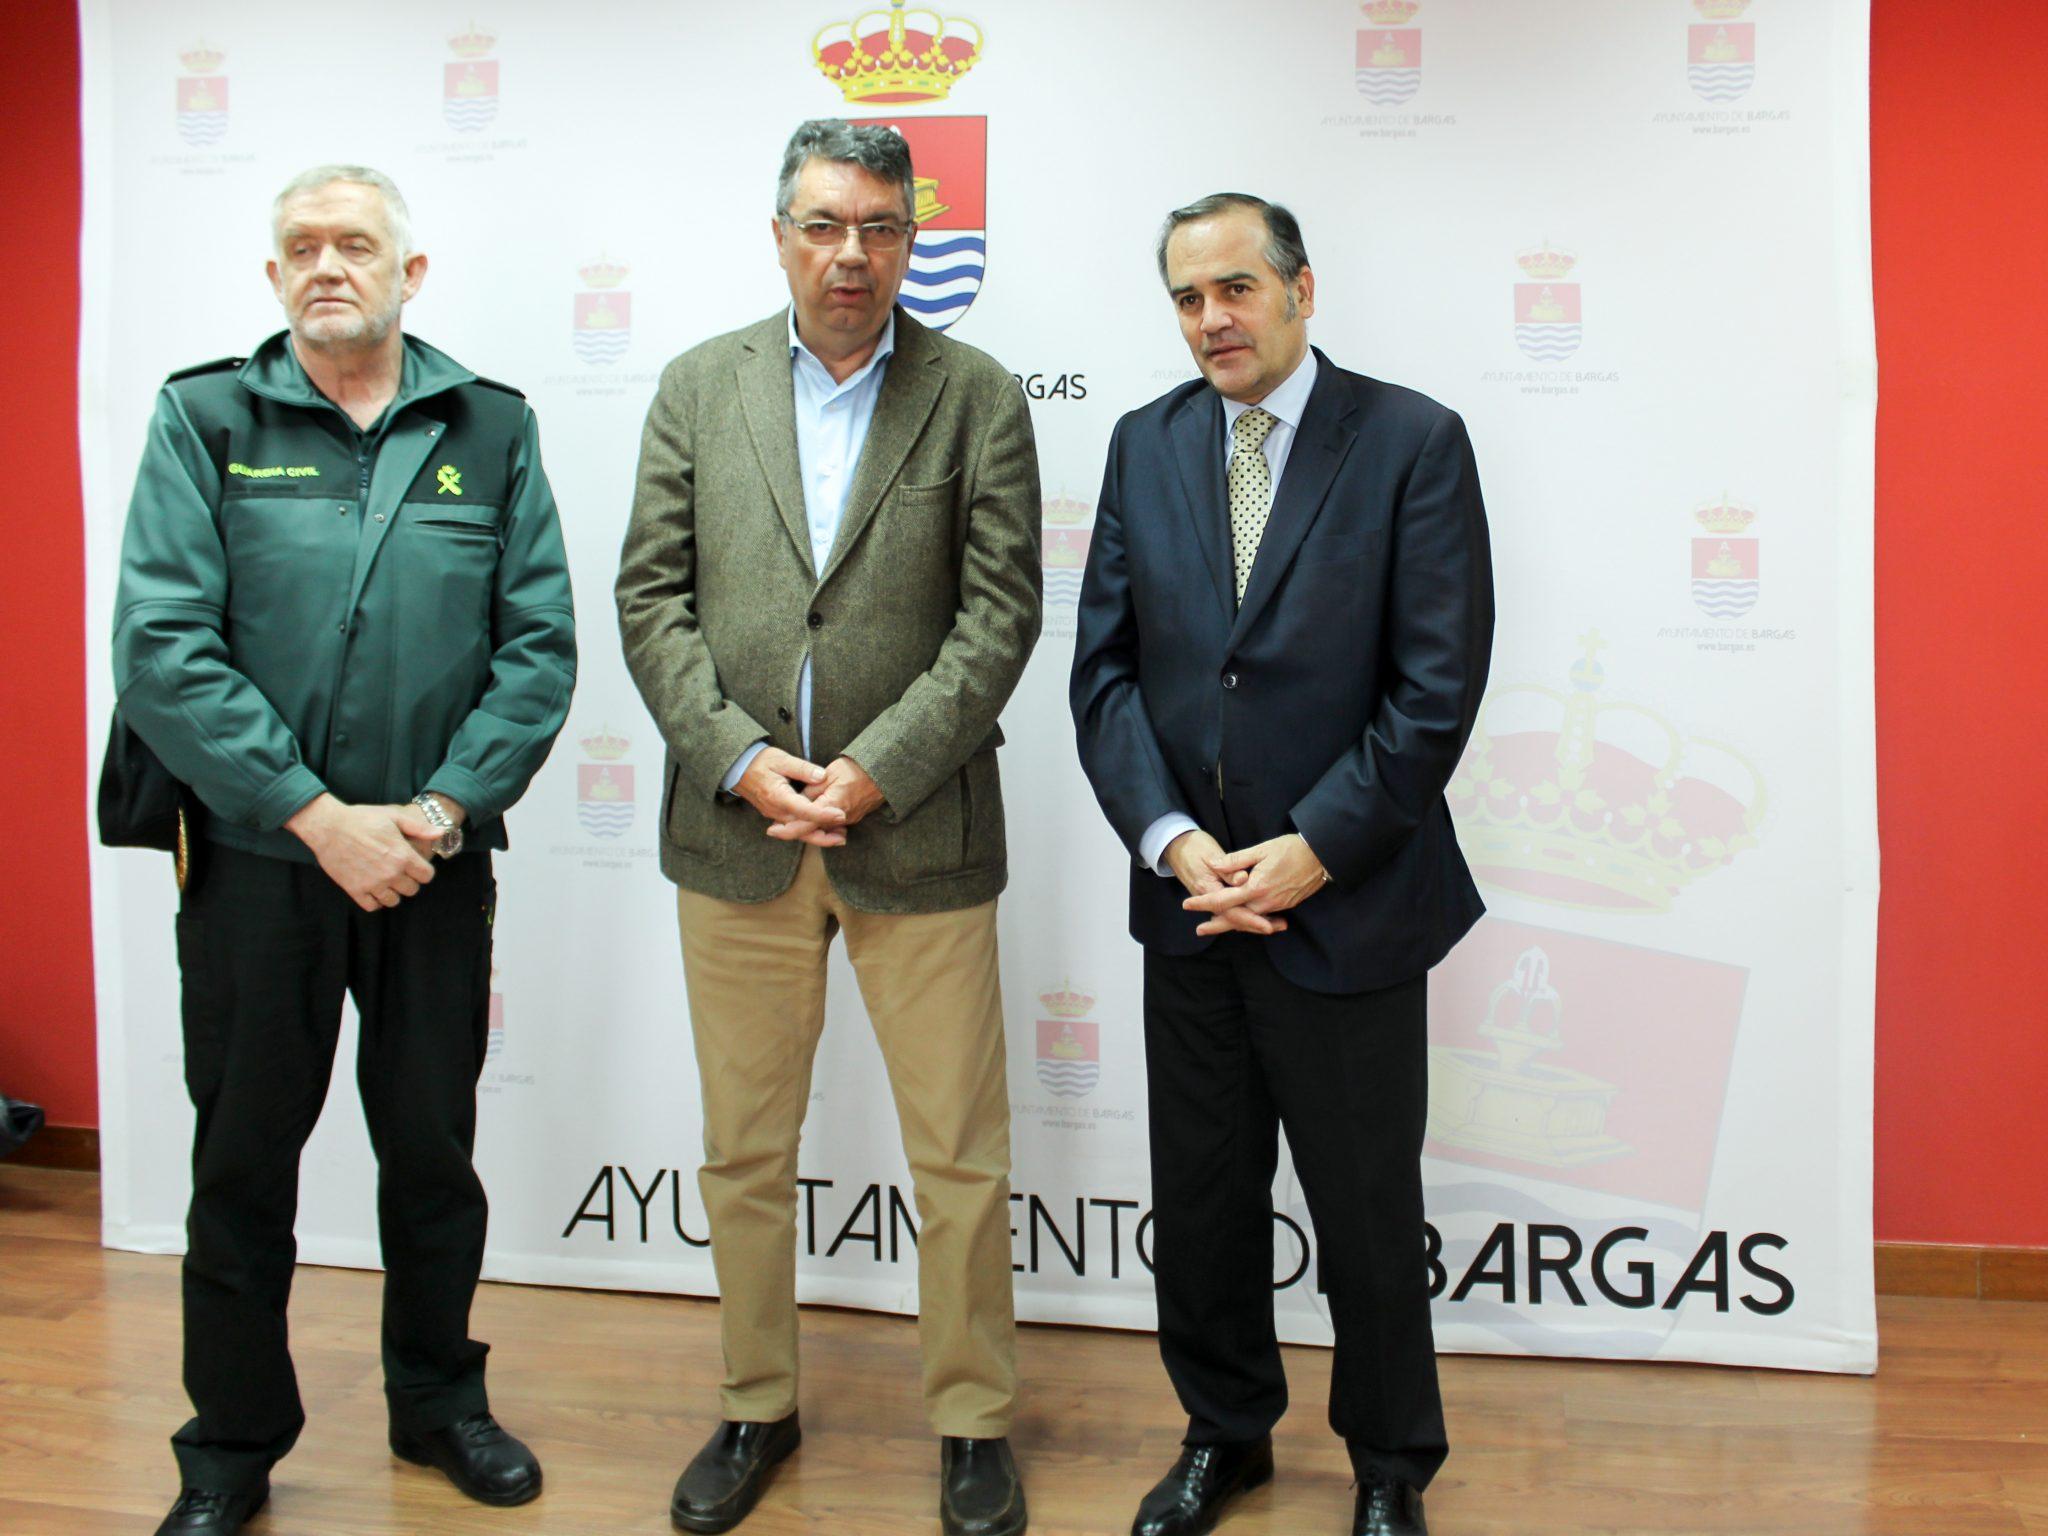 Bargas garantiza la apertura permanente del cuartel de la Guardia Civil